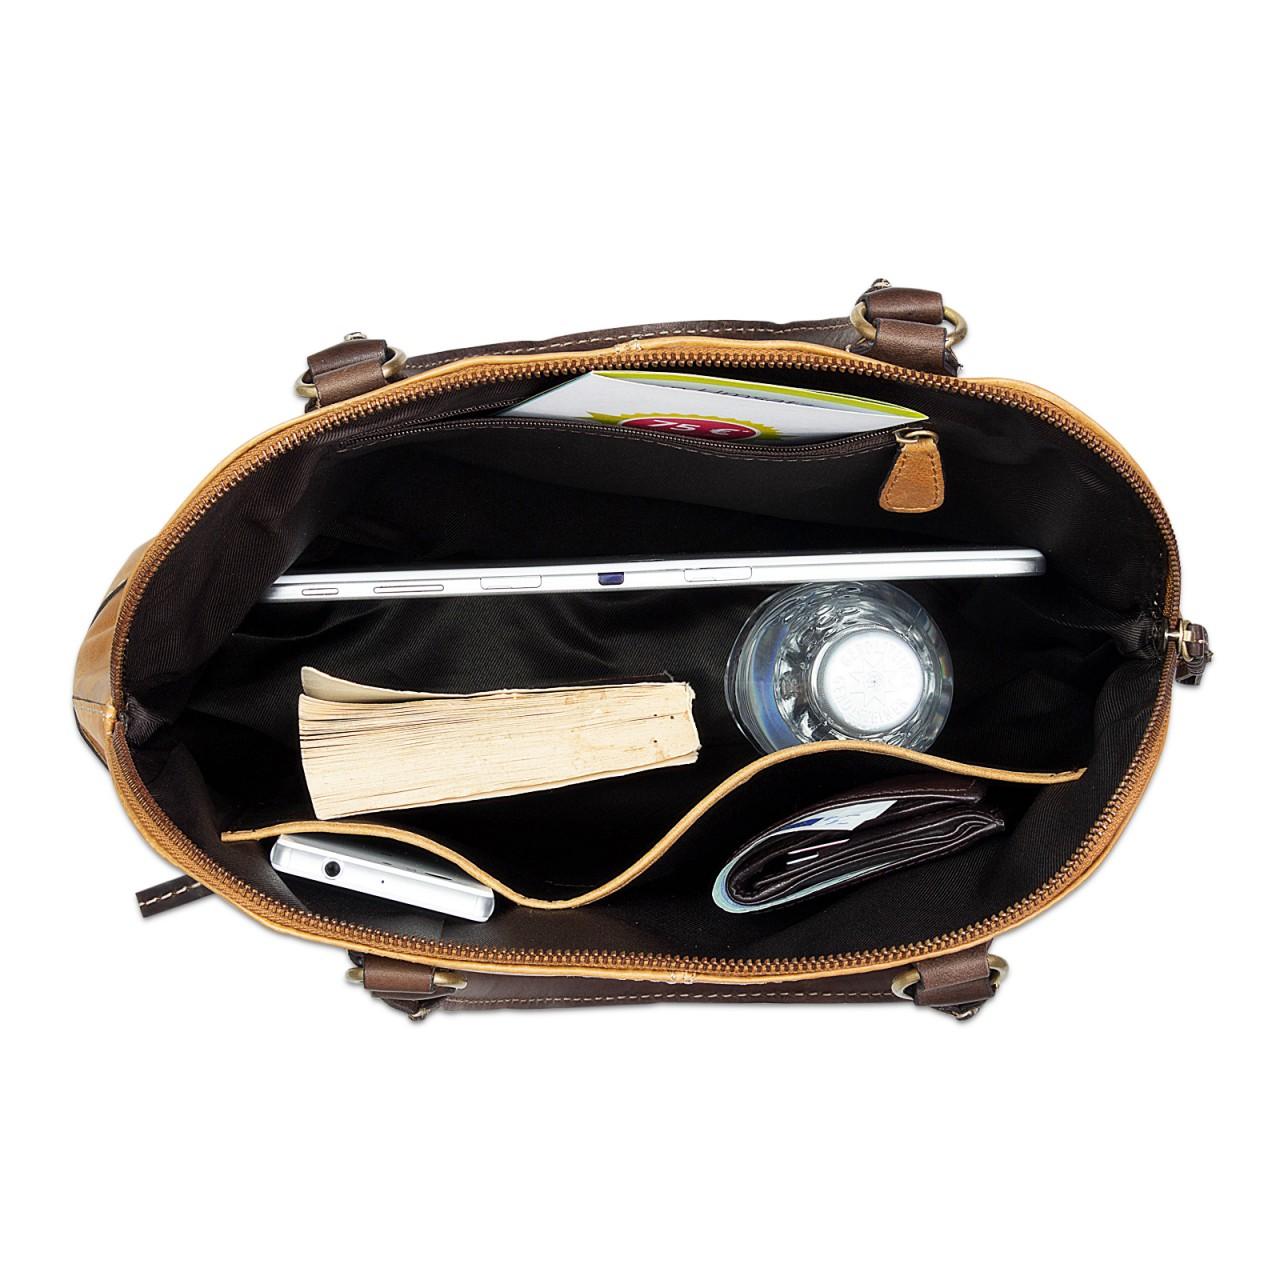 STILORD Vintage Handtasche groß Henkeltasche elegante Abendtasche für Damen - echtes Büffel Leder braun - Bild 6